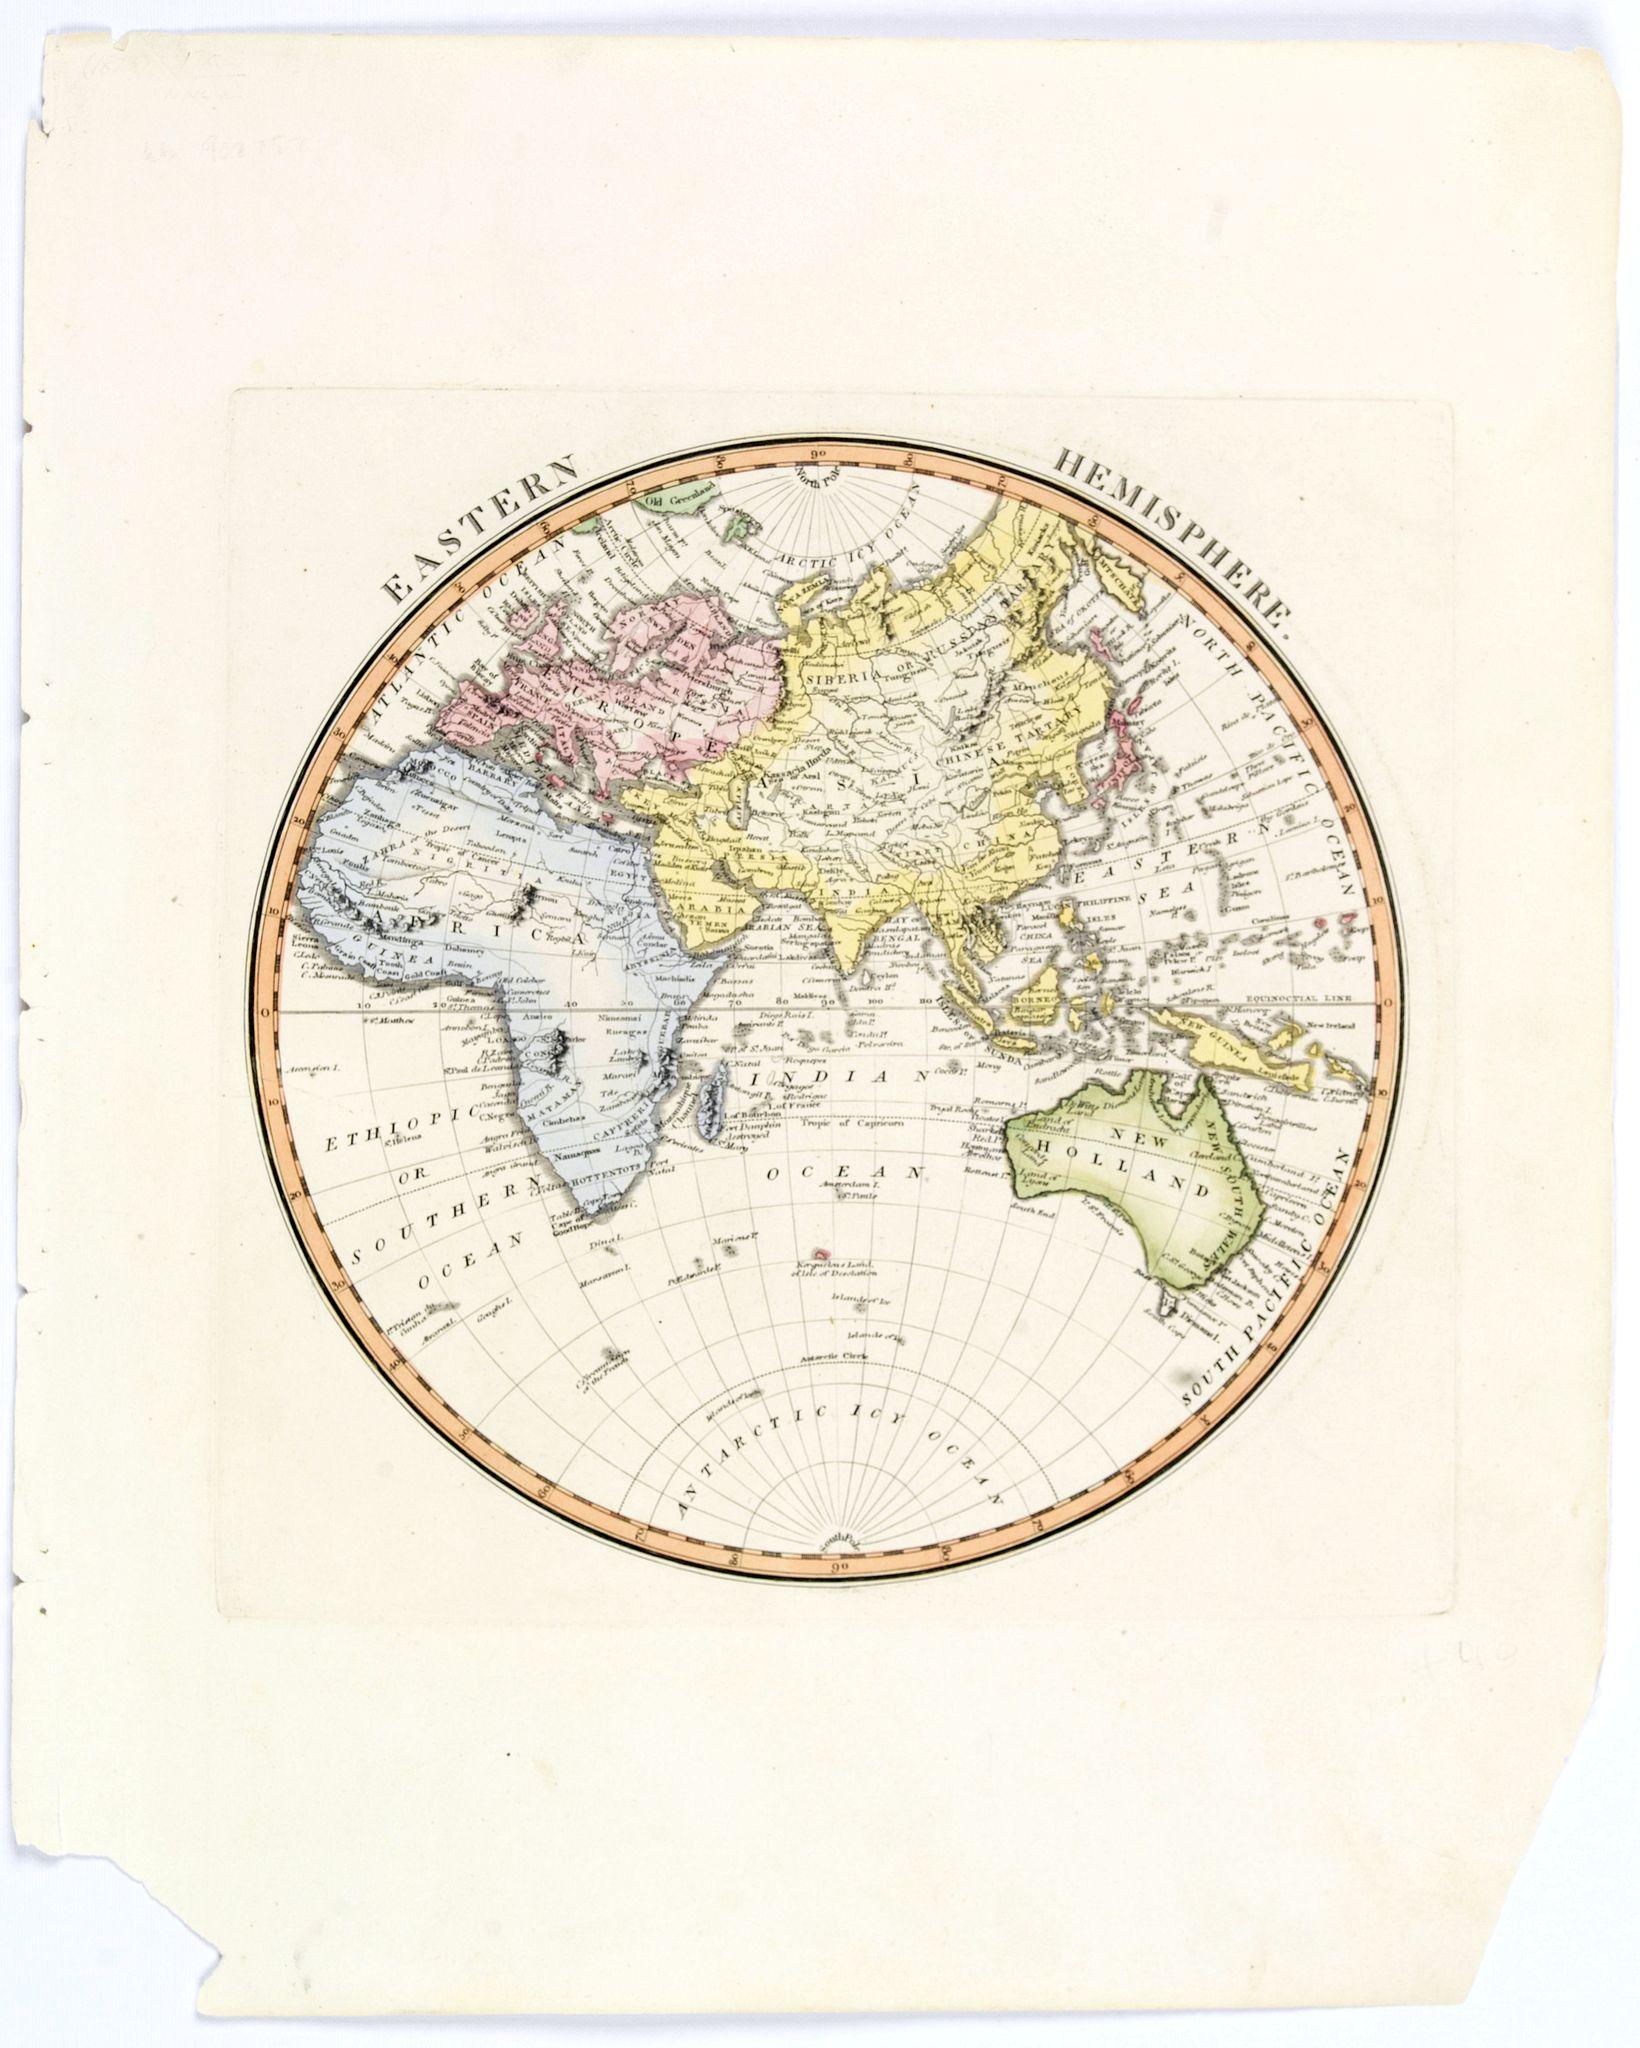 LUCAS, Fielding Jr. - Eastern Hemisphere.